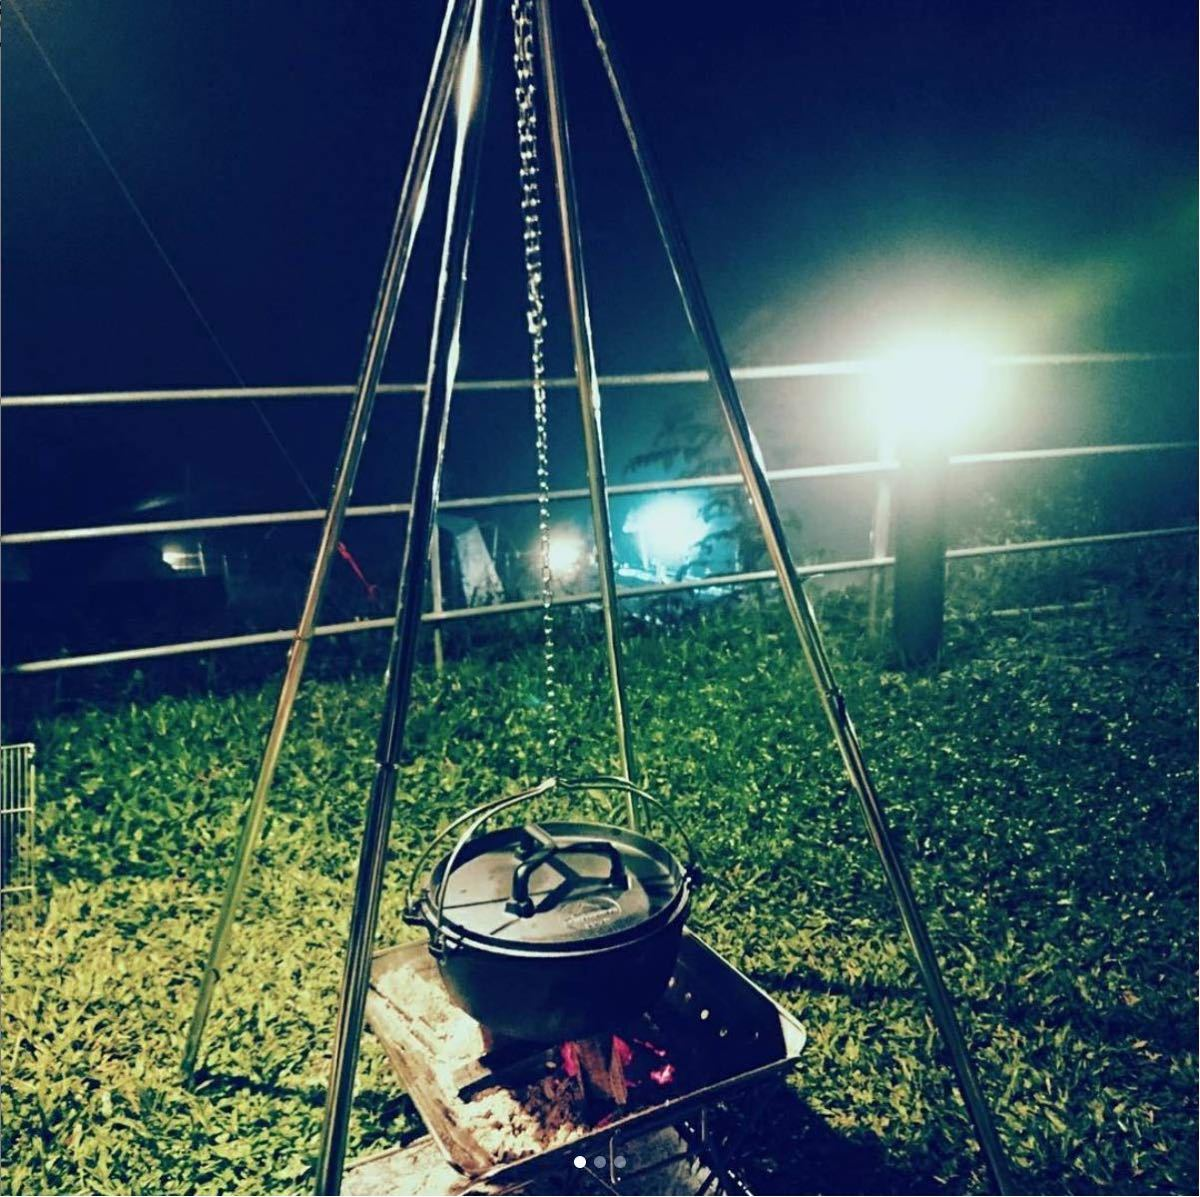 ★CAMPING MOON★キャンピングムーン★プレミアムファイヤースタンド★プレミアムトライポッド★MT-130★送料込★